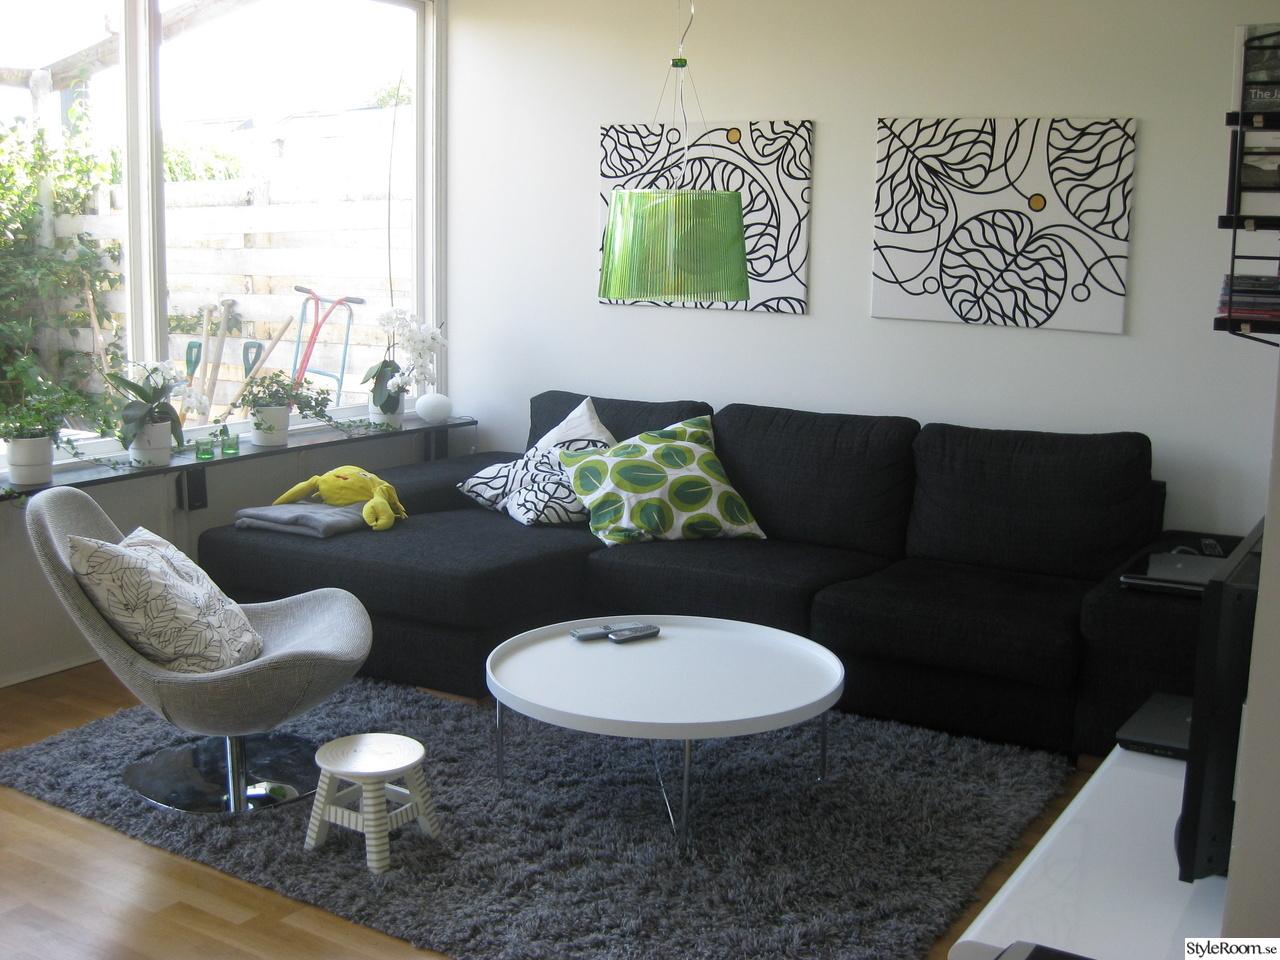 Bild på matta grå   uterum & trädgård. av tulpanen